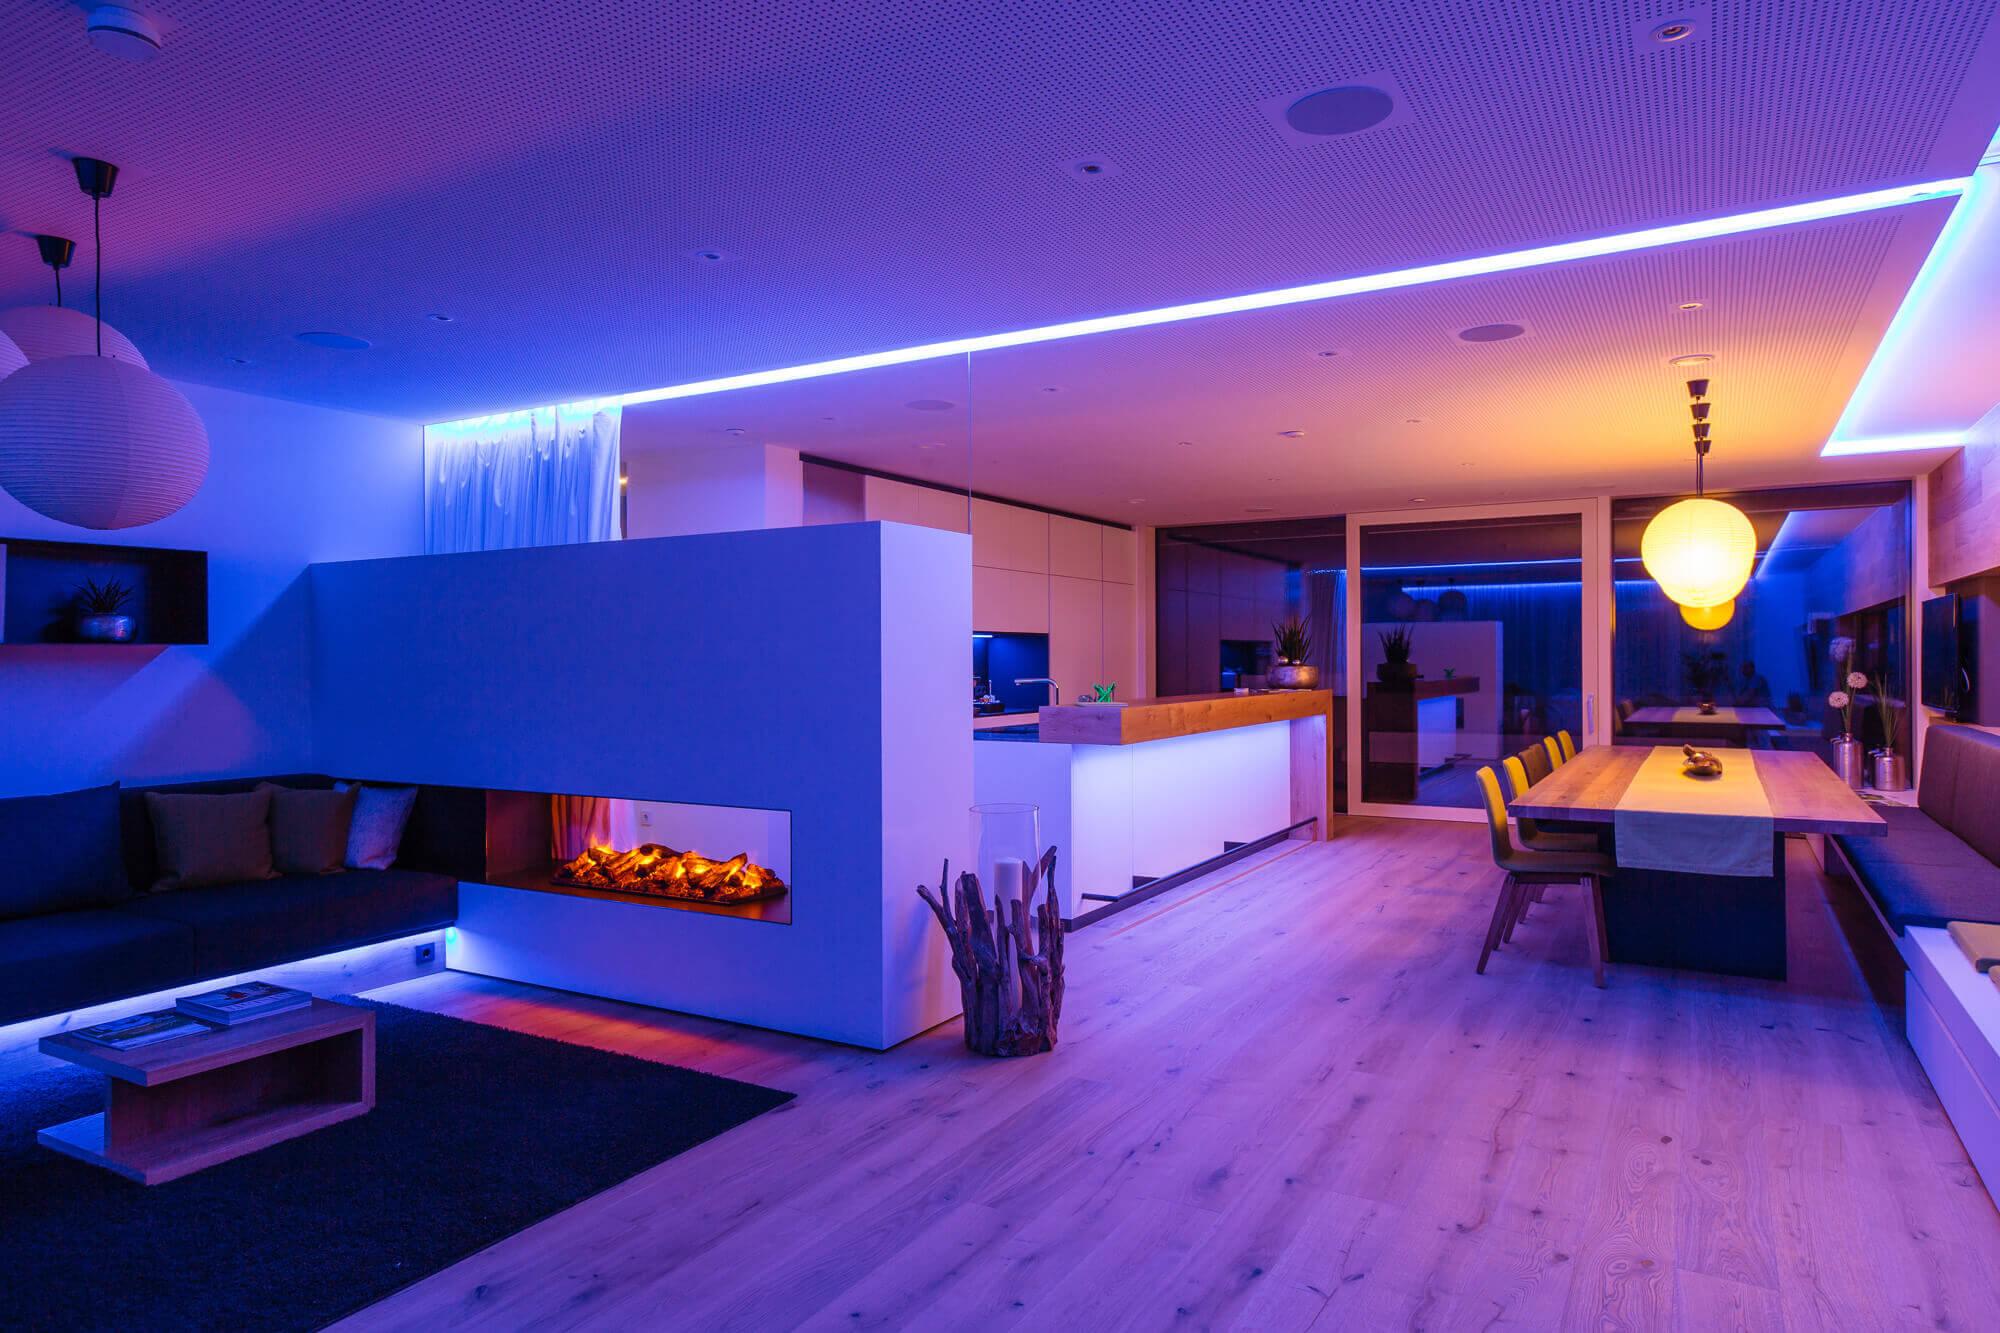 Duży pokój który jest oświetlony na niebiesko z białymi ścianami i ciemnymi meblami